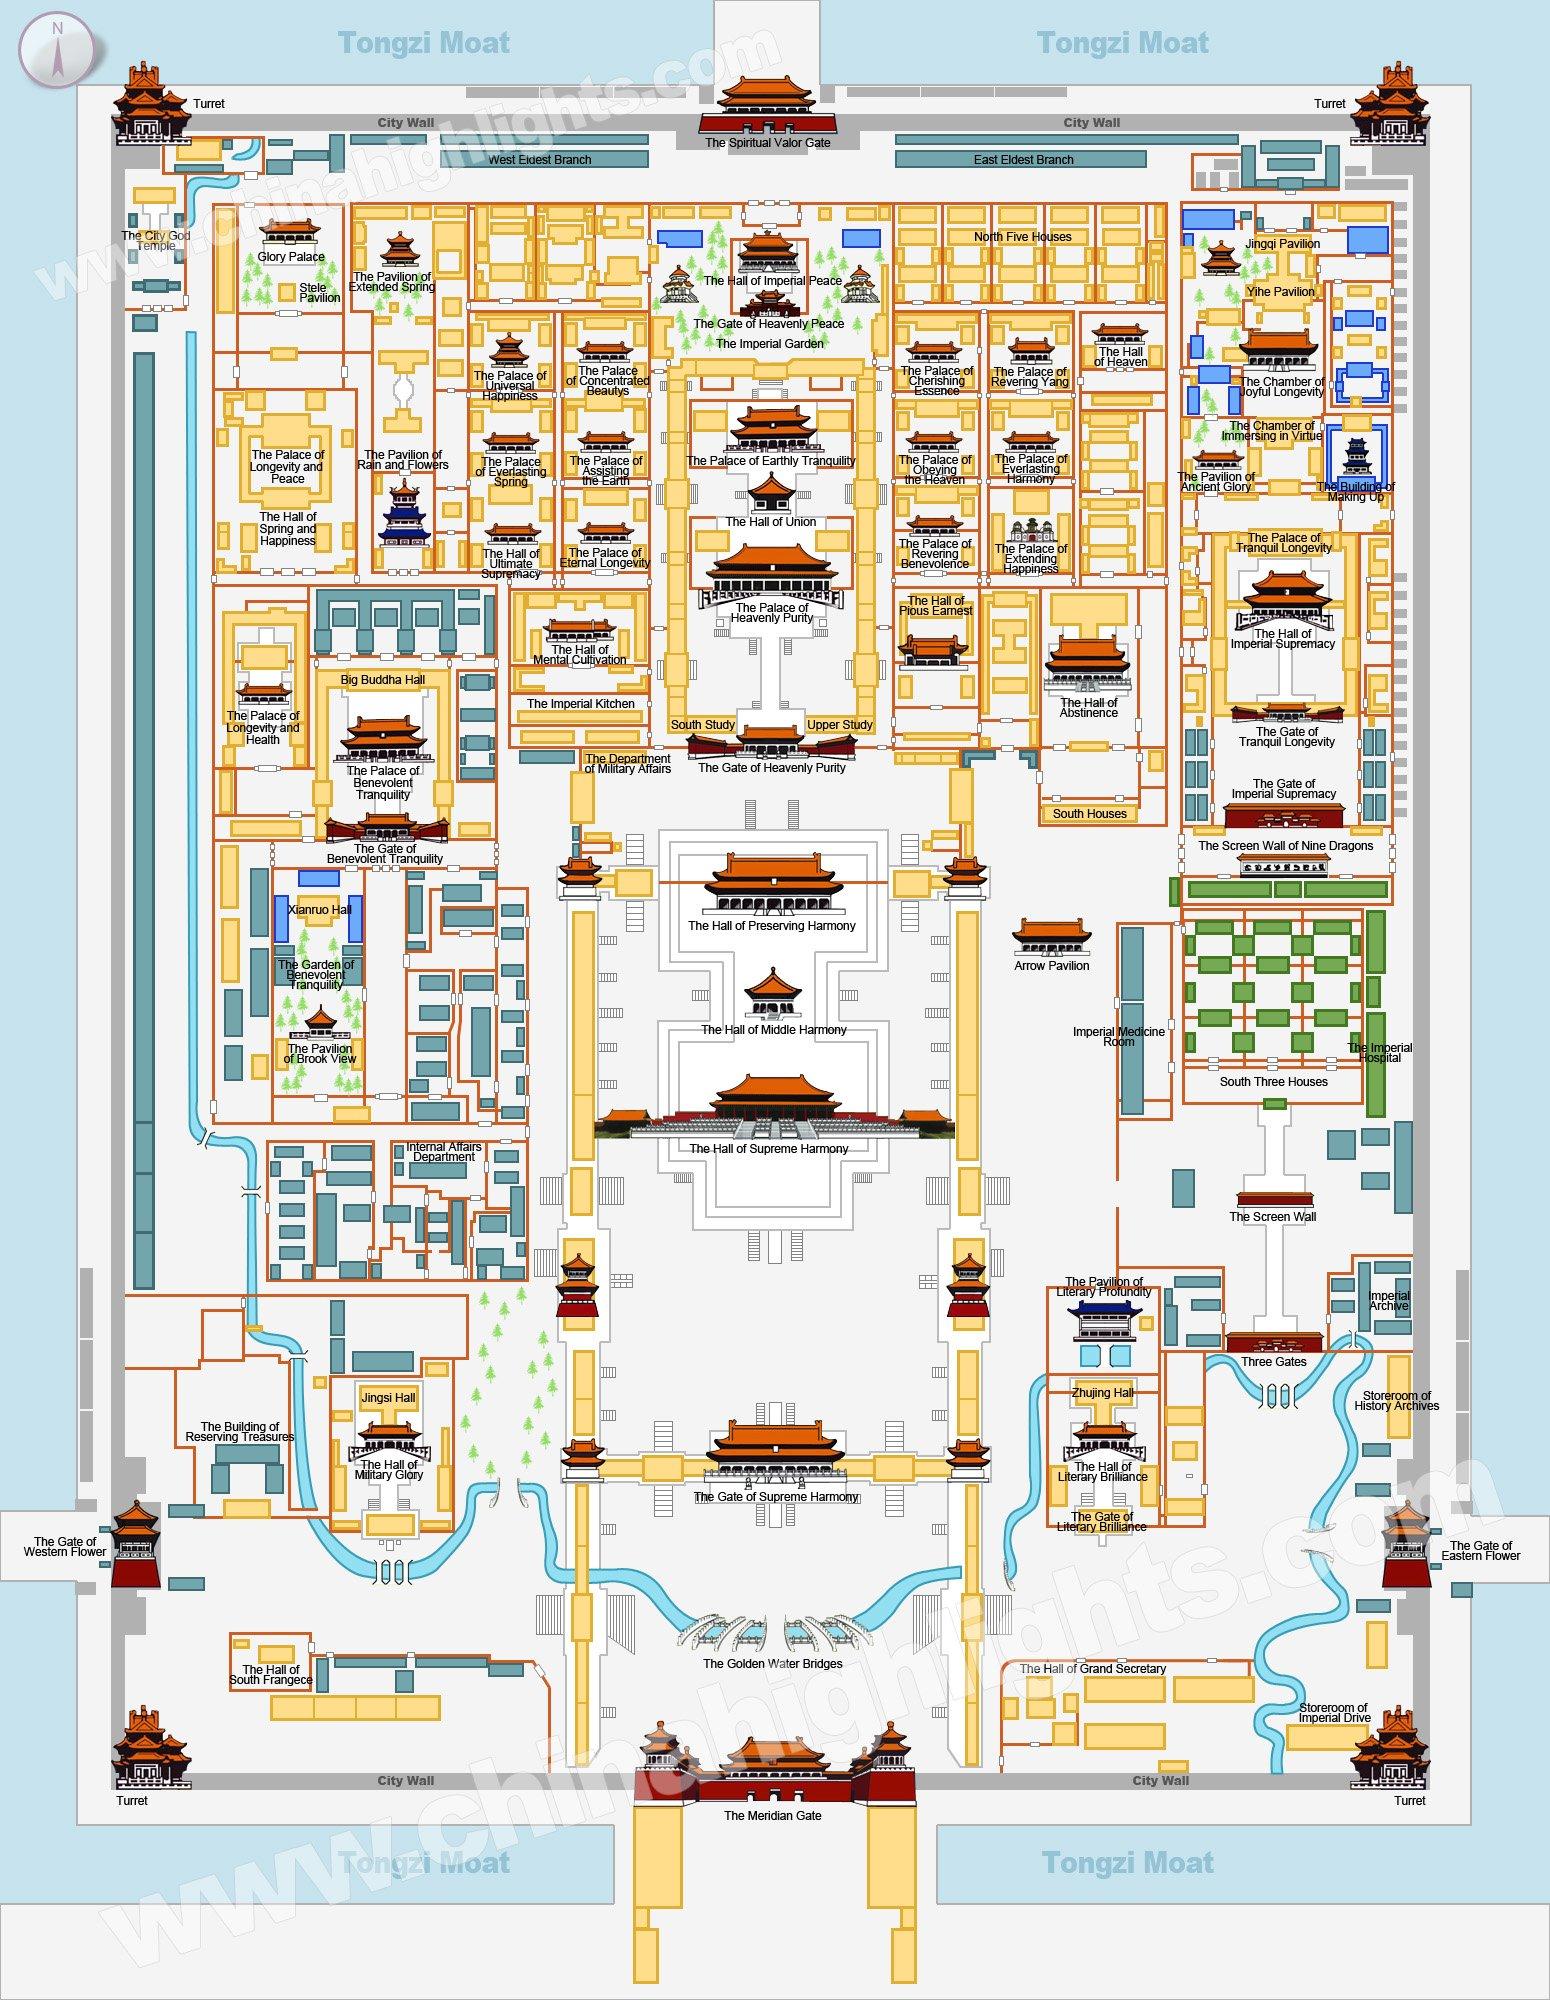 Forbidden City Map, Map of Beijing Forbidden City